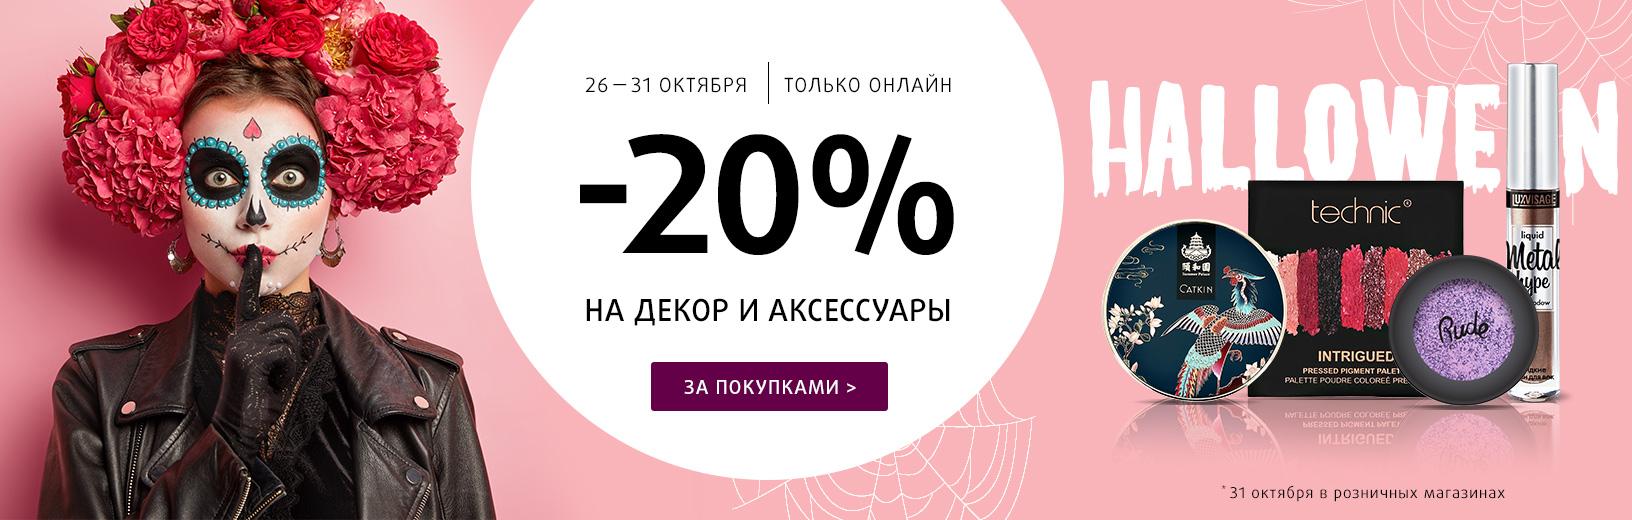 HALLOWEEN: скидка -20% на декор и аксессуары